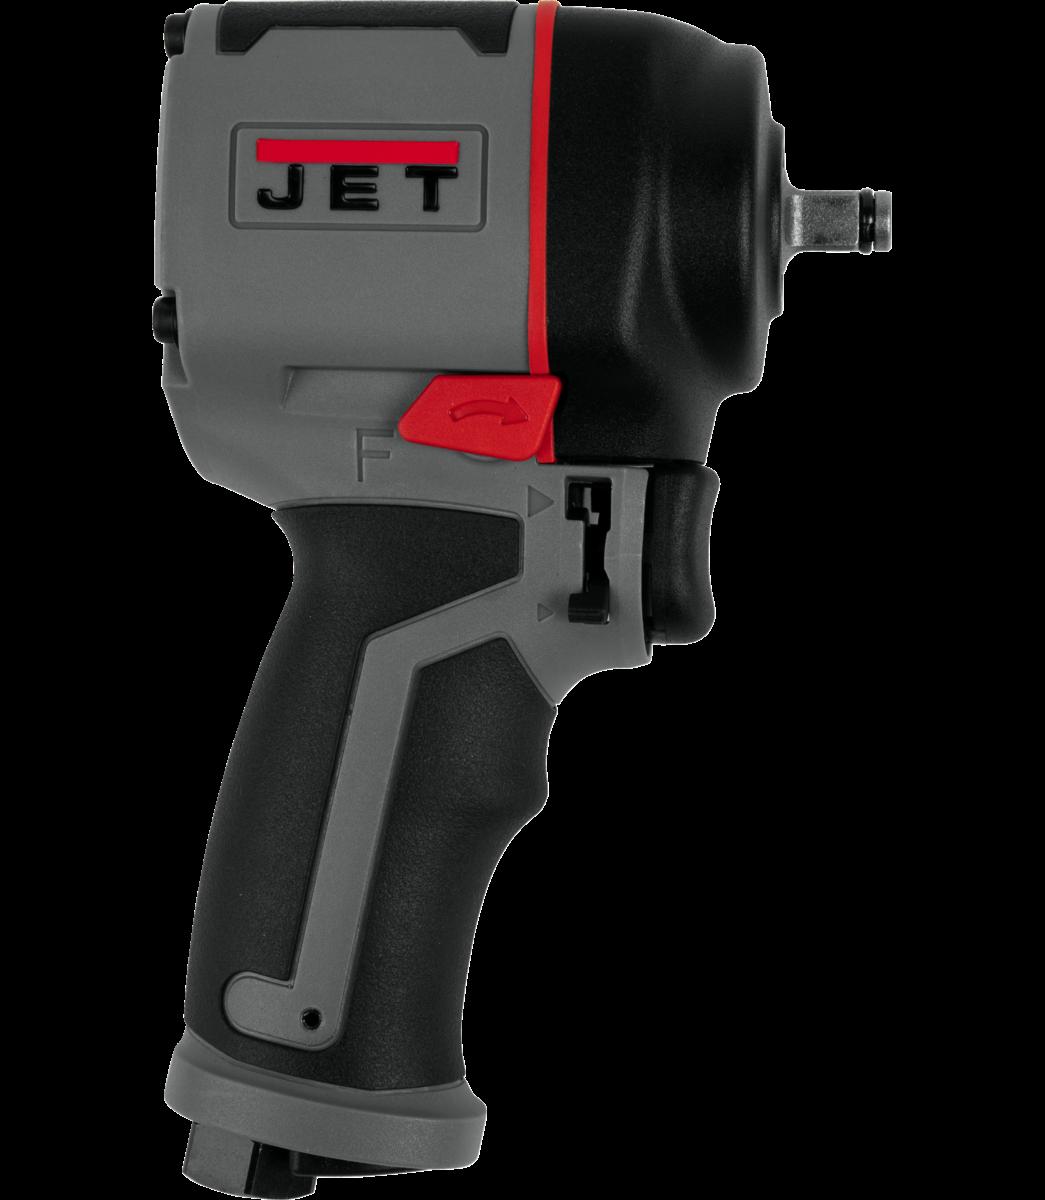 """JAT-125 3/8"""" STUBBY COMPOSITE IMPACT"""